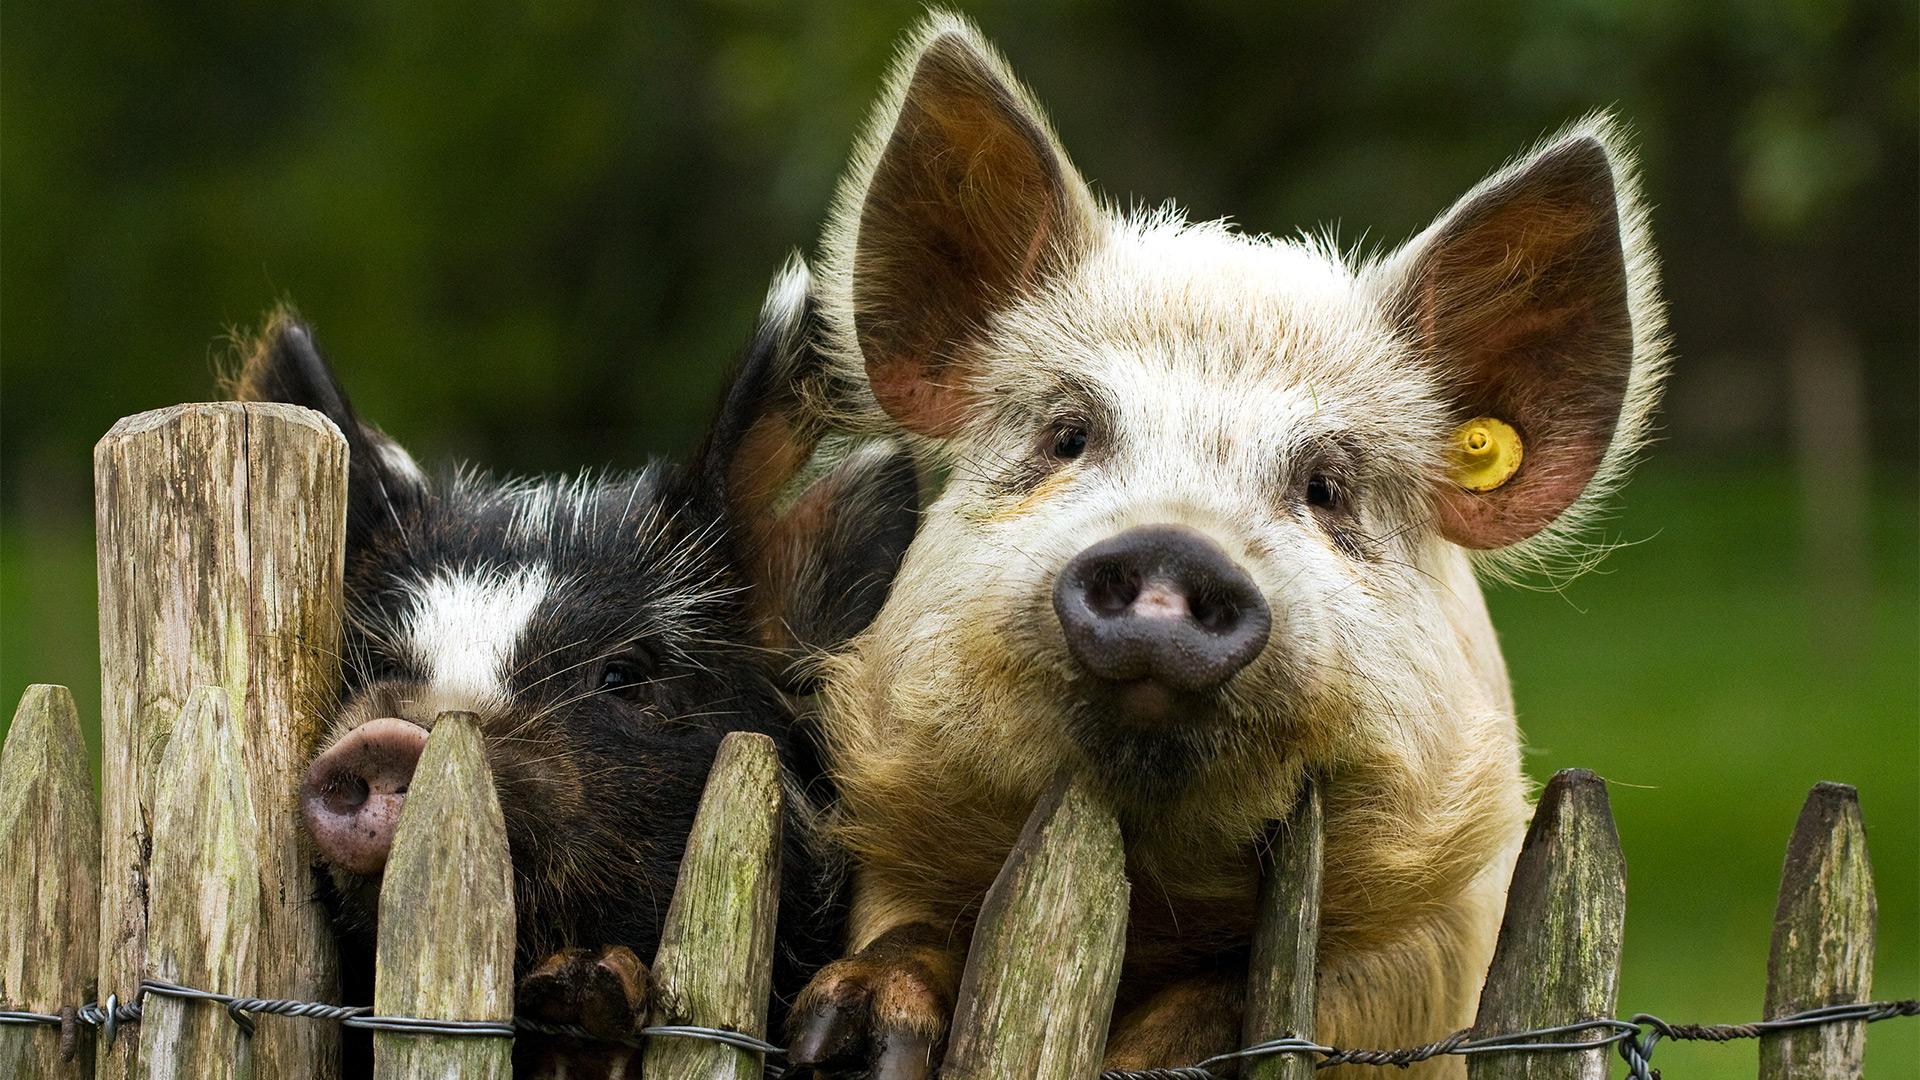 интересные и смешные картинки про животных сюда приходим